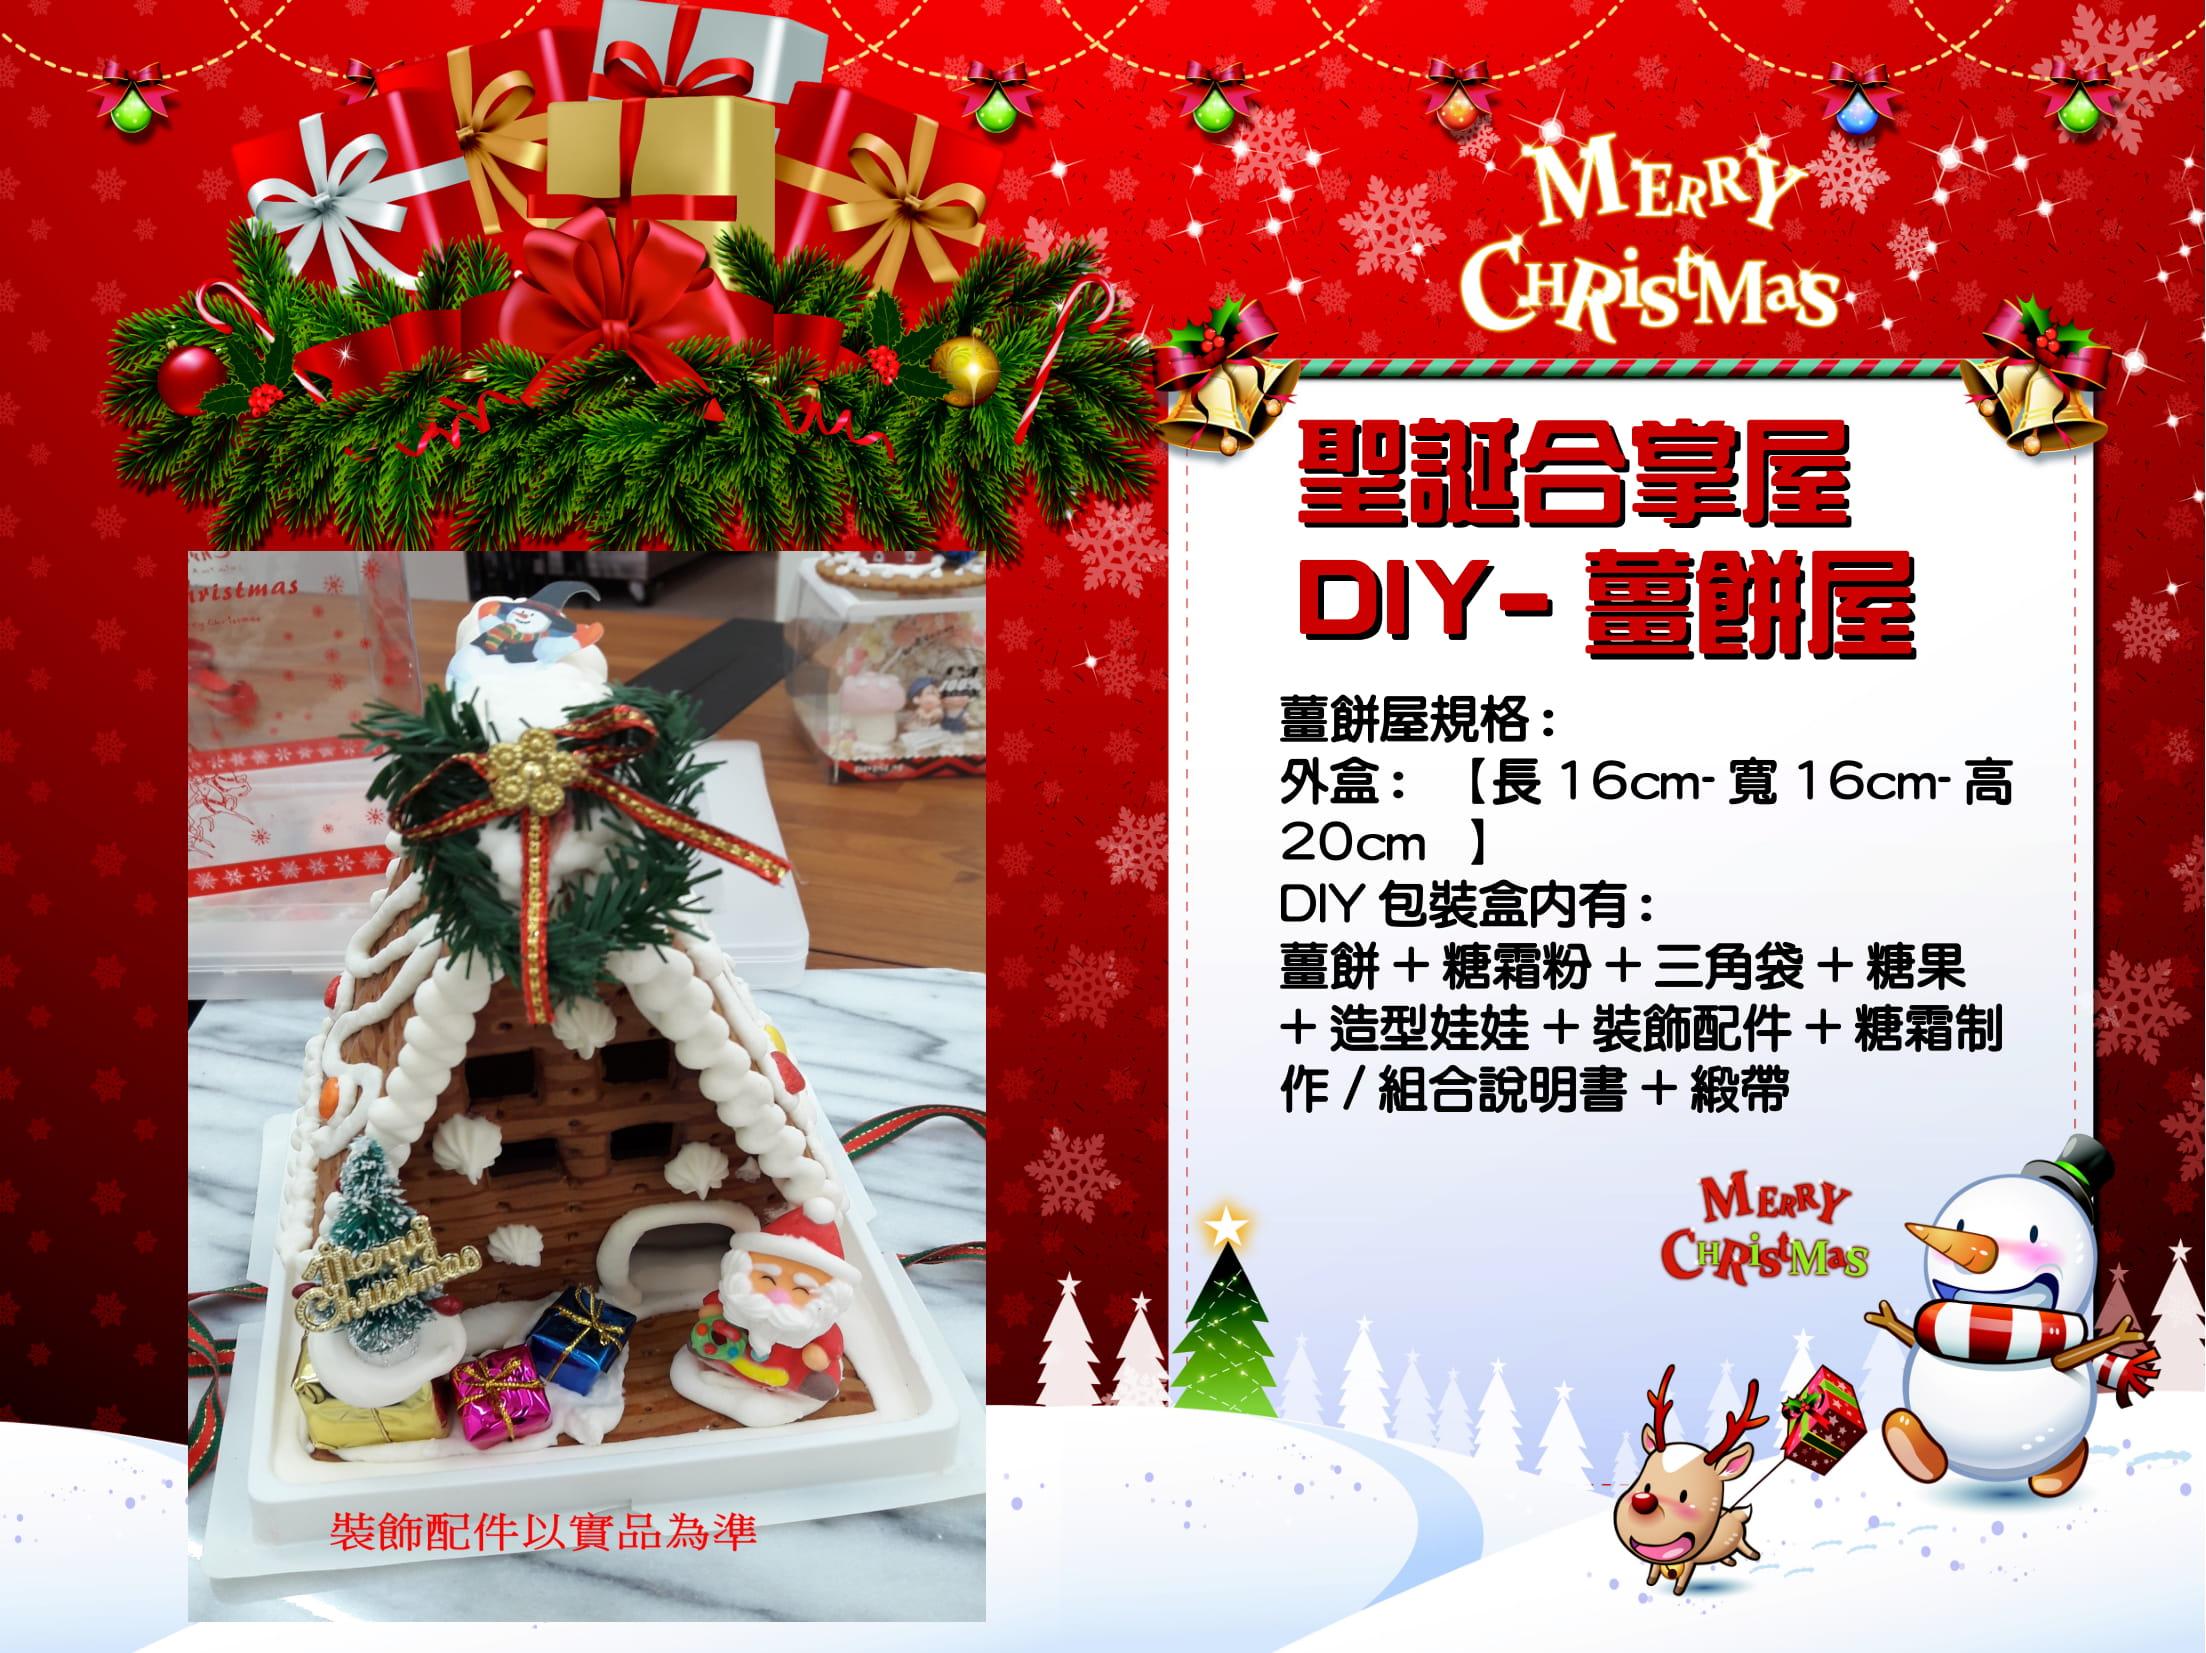 9.聖誕合掌屋DIY-薑餅屋